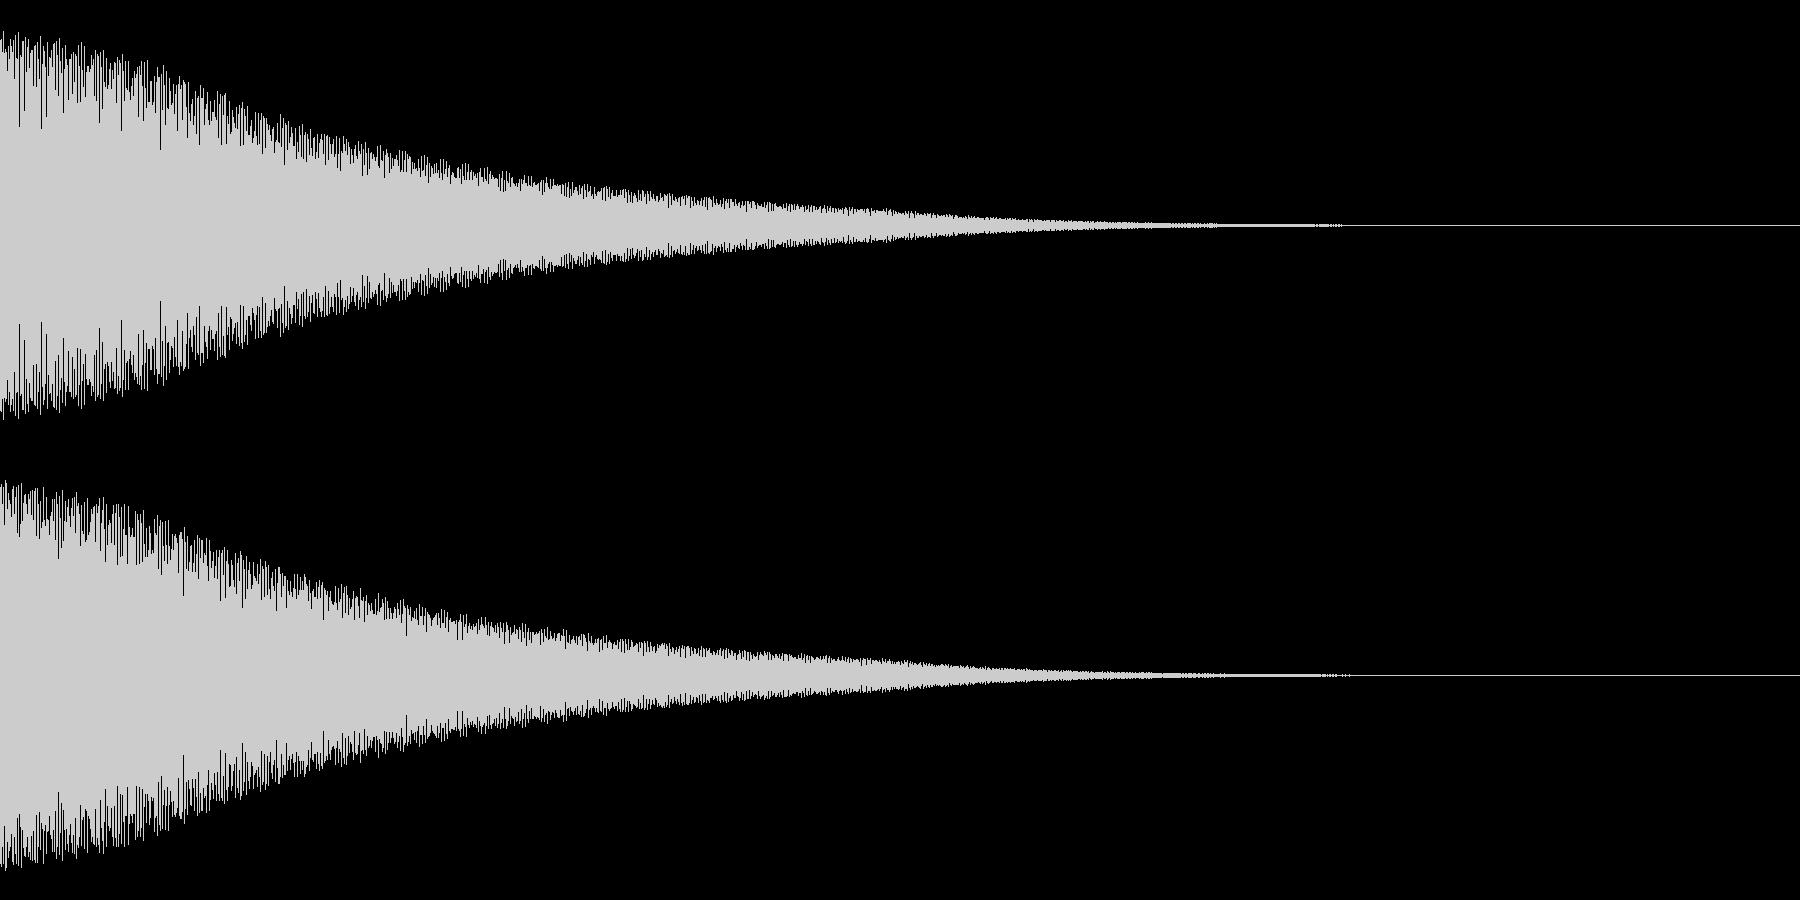 ティーーーン(ベル)の未再生の波形